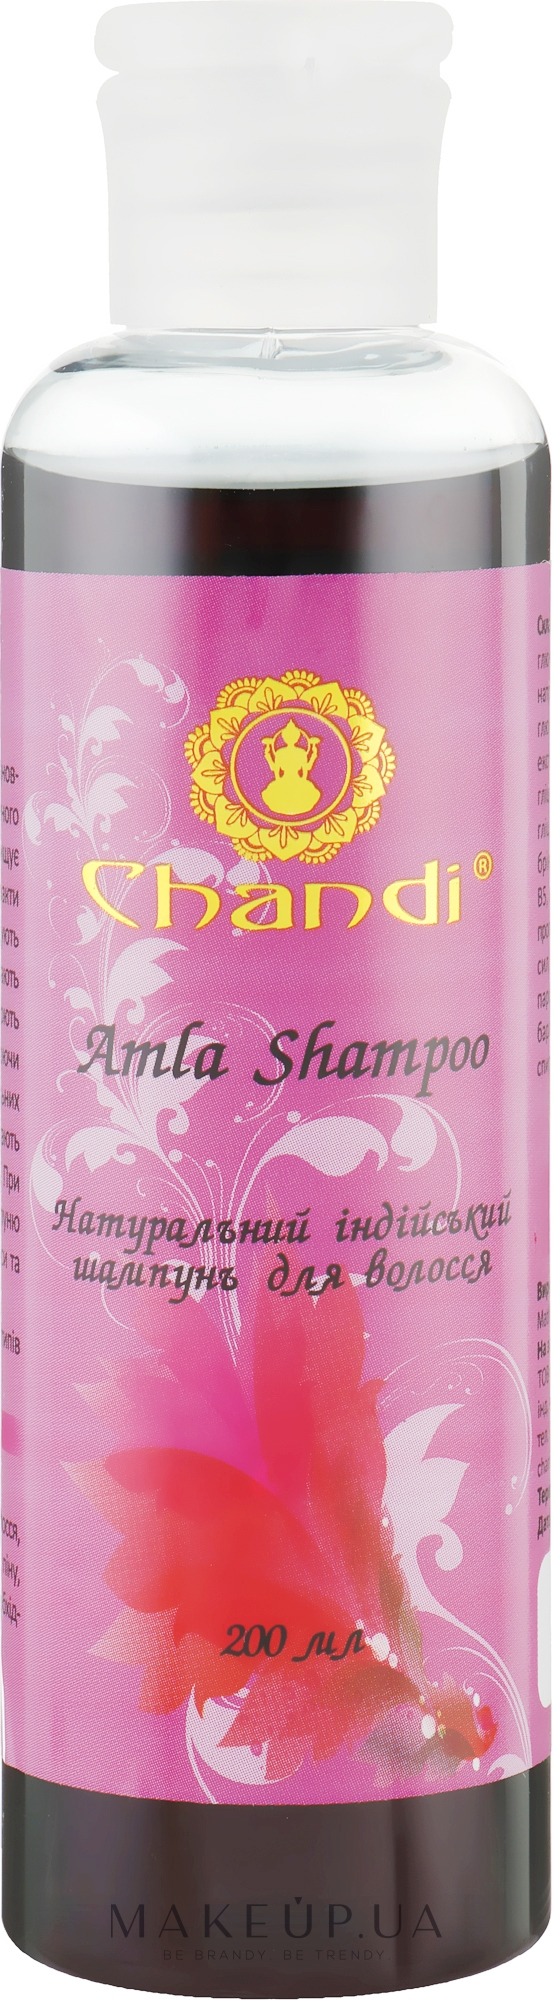 Натуральний індійський шампунь - Chandi Amla Shampoo — фото 200ml